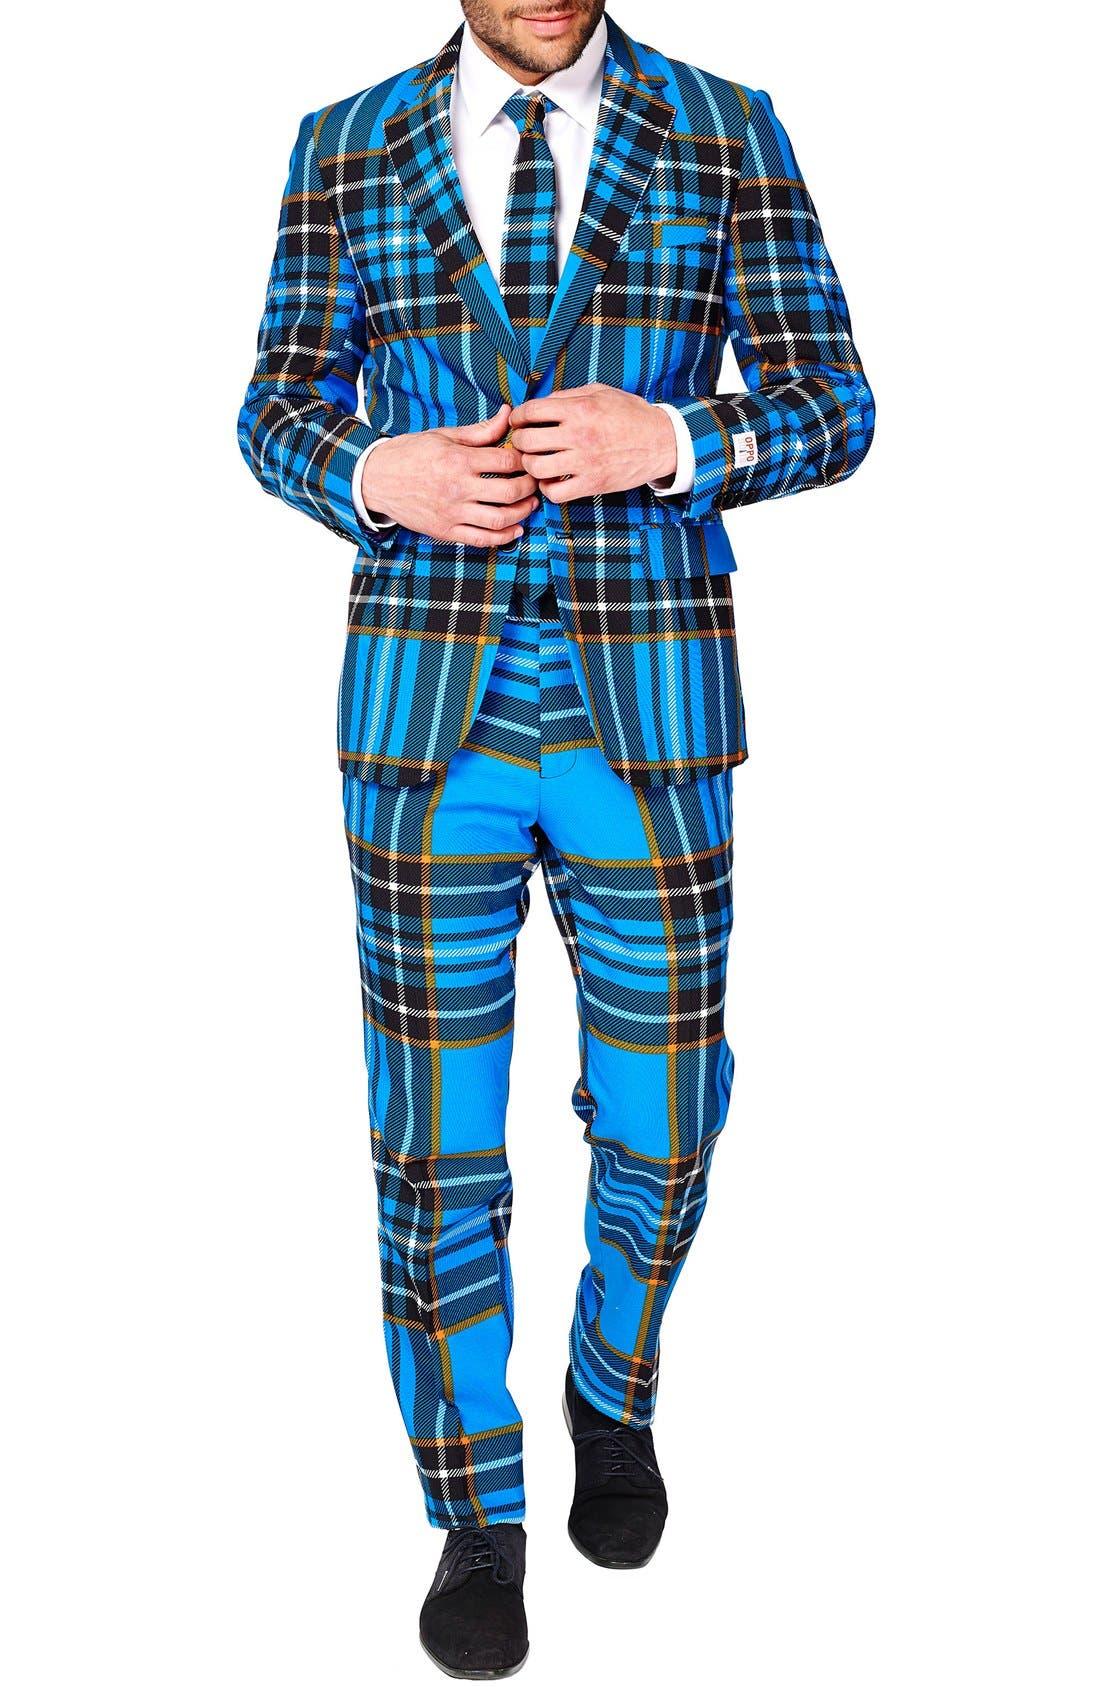 'Braveheart' Trim Fit Suit with Tie,                             Alternate thumbnail 4, color,                             421